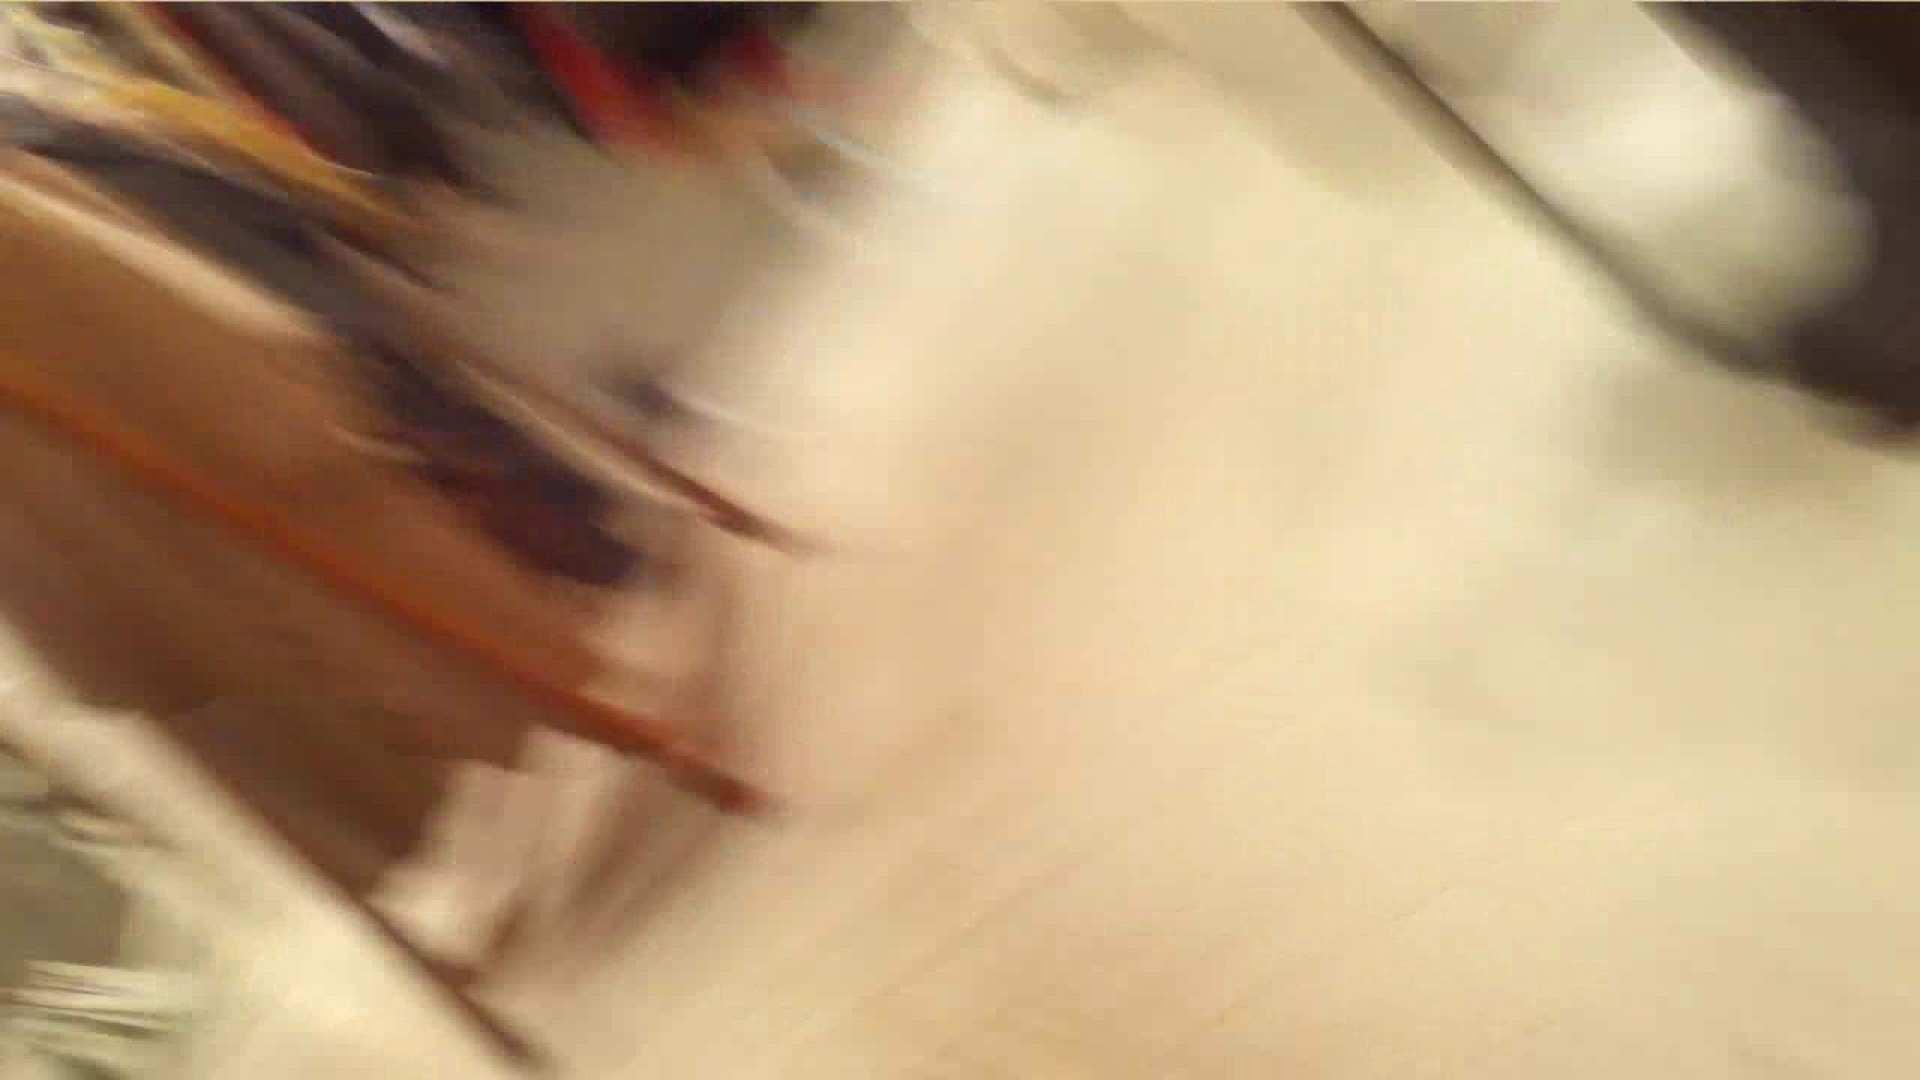 vol.36 美人アパレル胸チラ&パンチラ ポニテ(゚∀゚)キタコレ!! 接写 覗きぱこり動画紹介 41pic 25